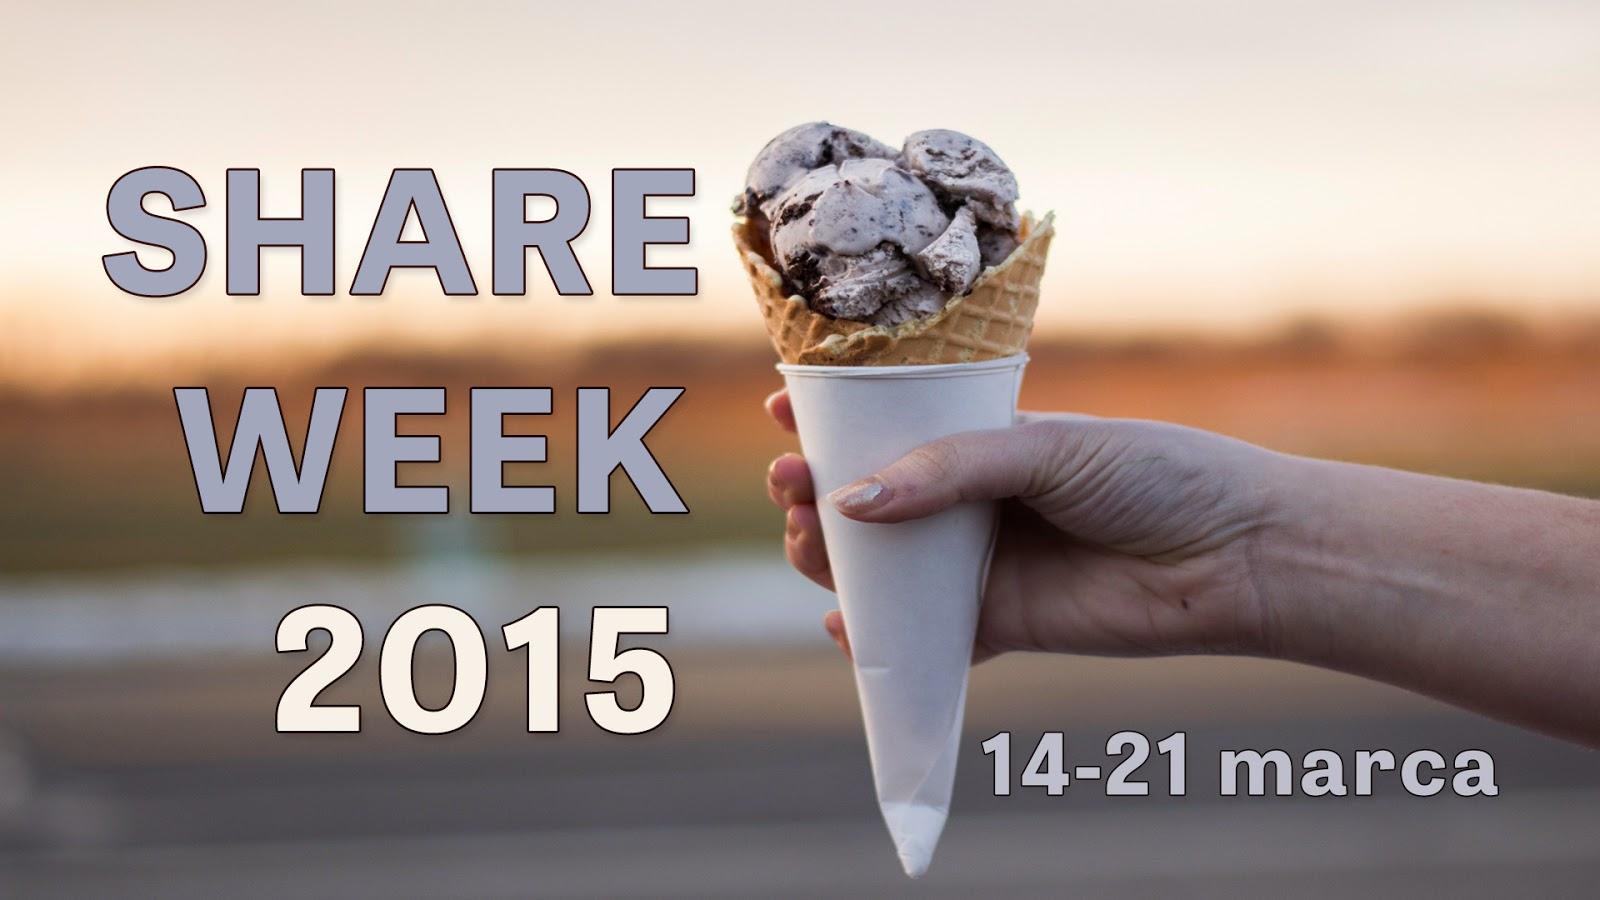 http://bit.ly/ShareWeek2015